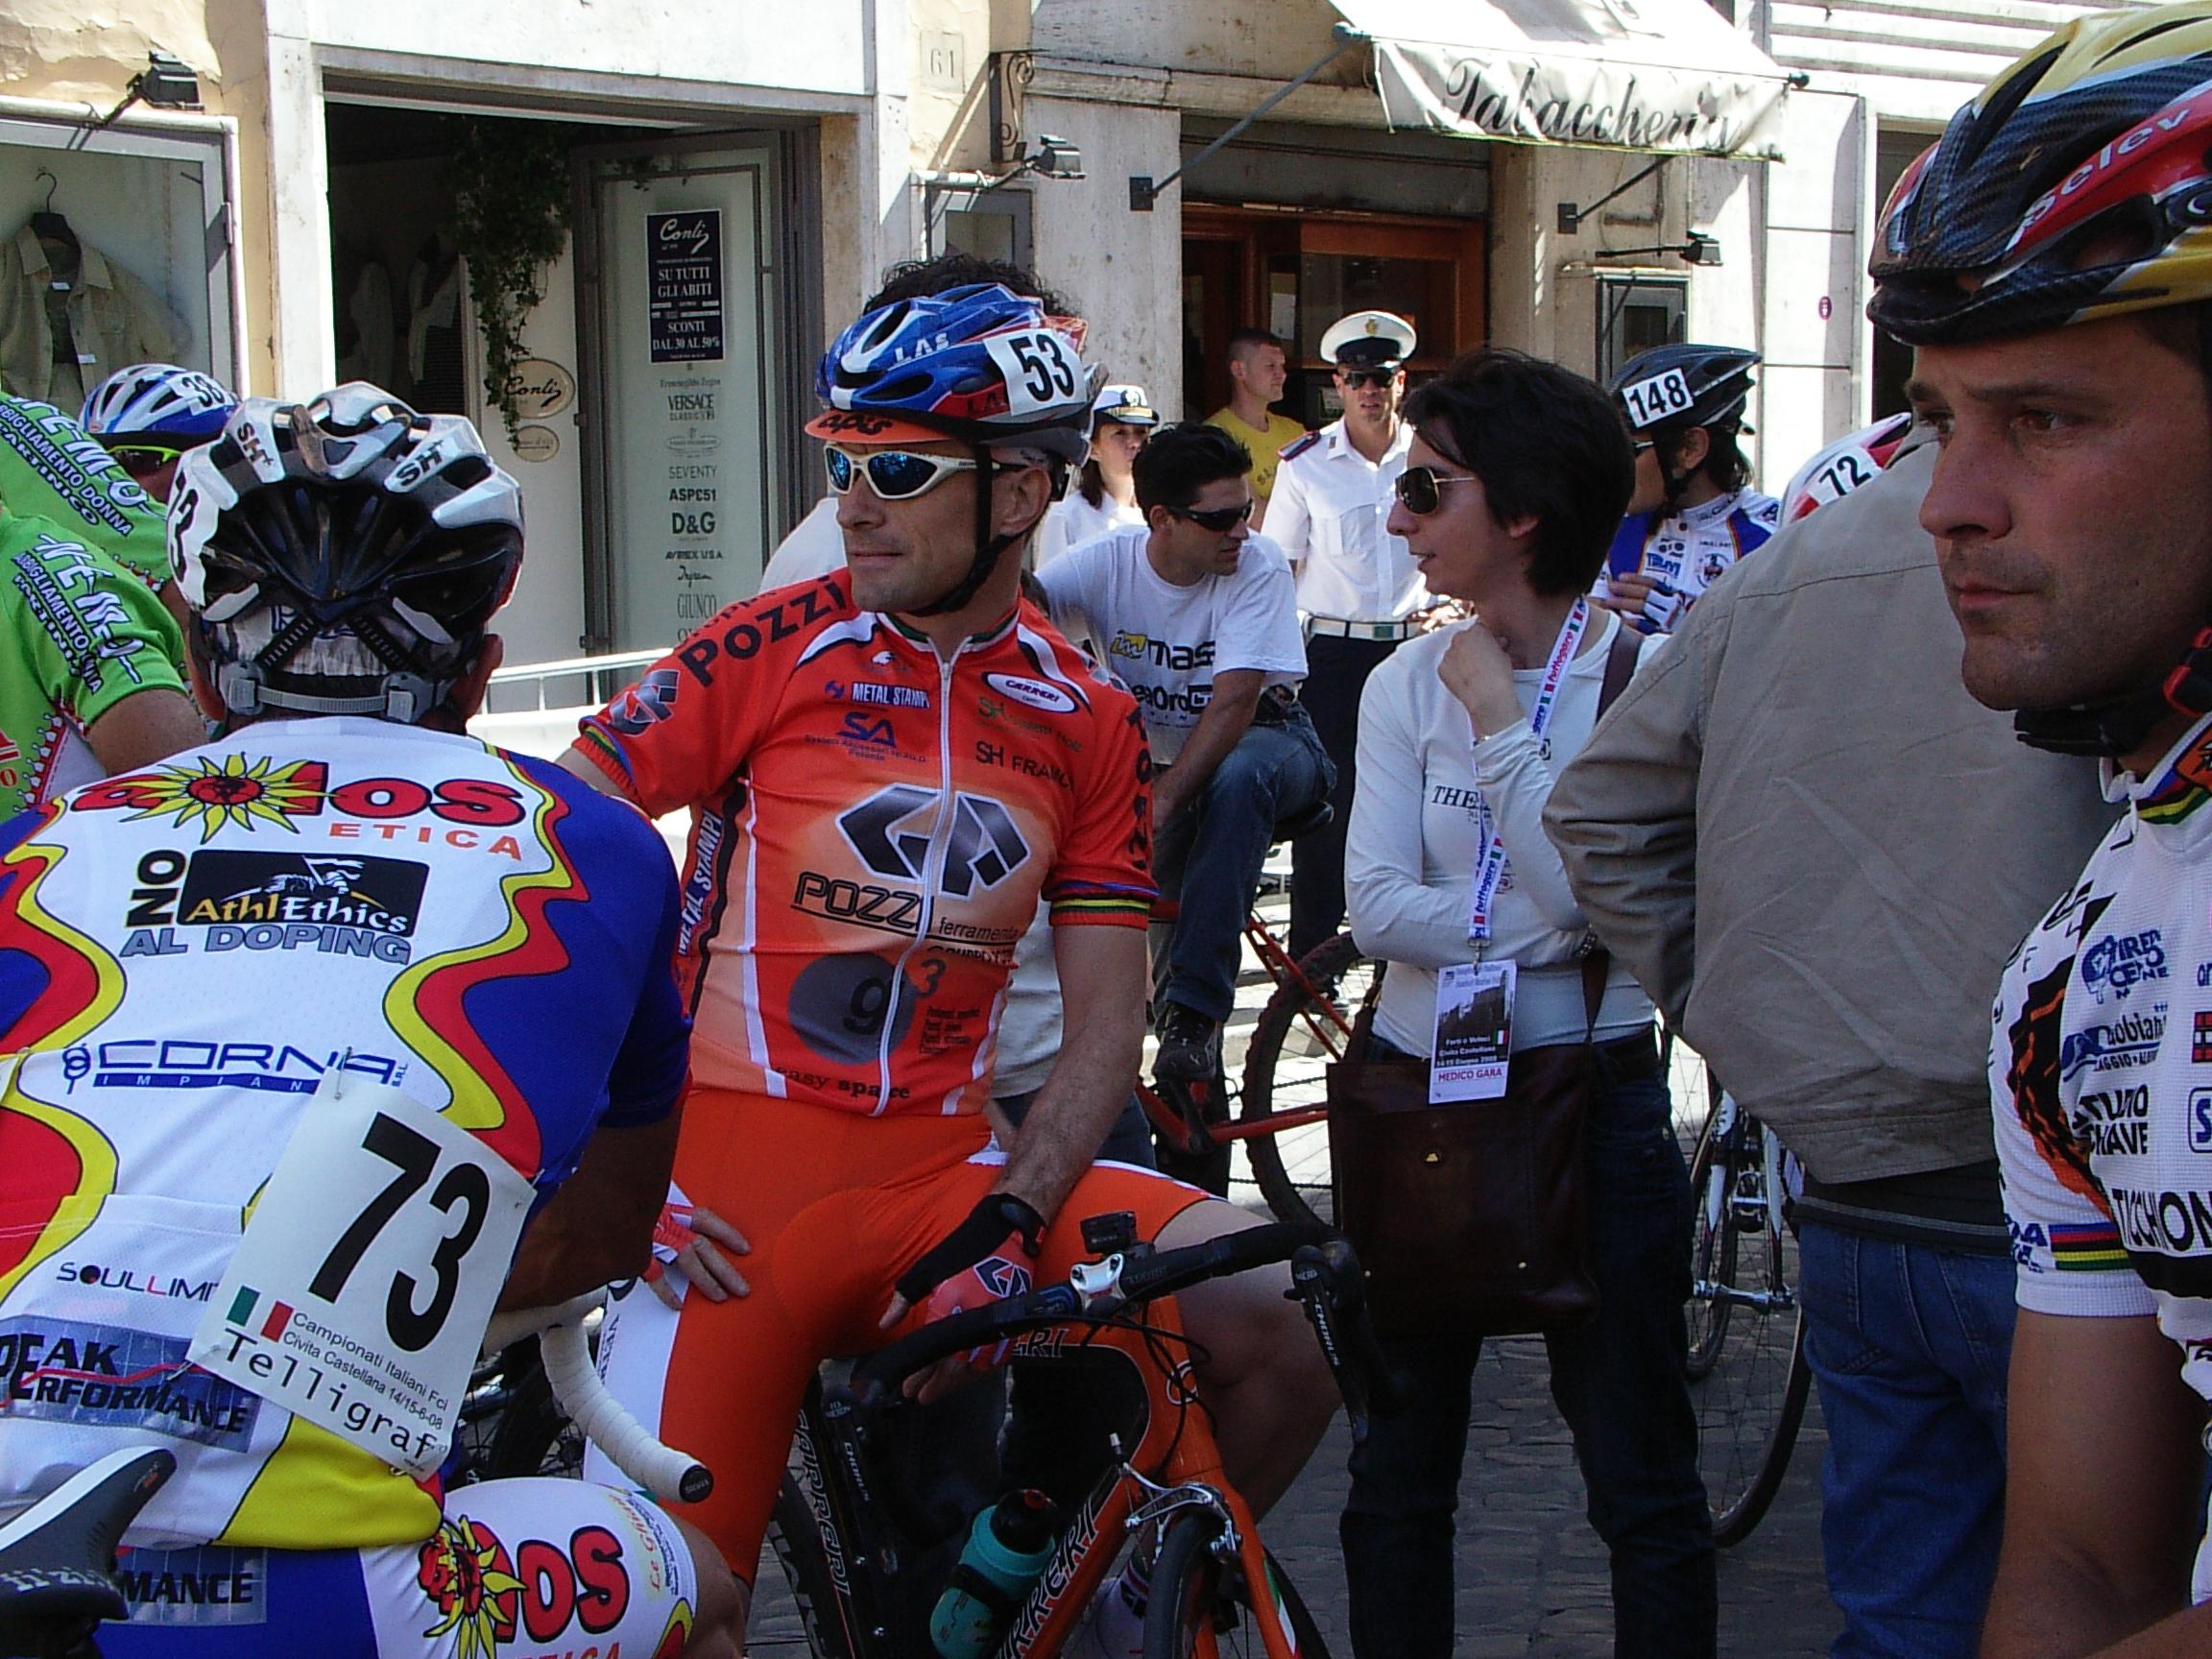 Campionato Italiano Strada 2008